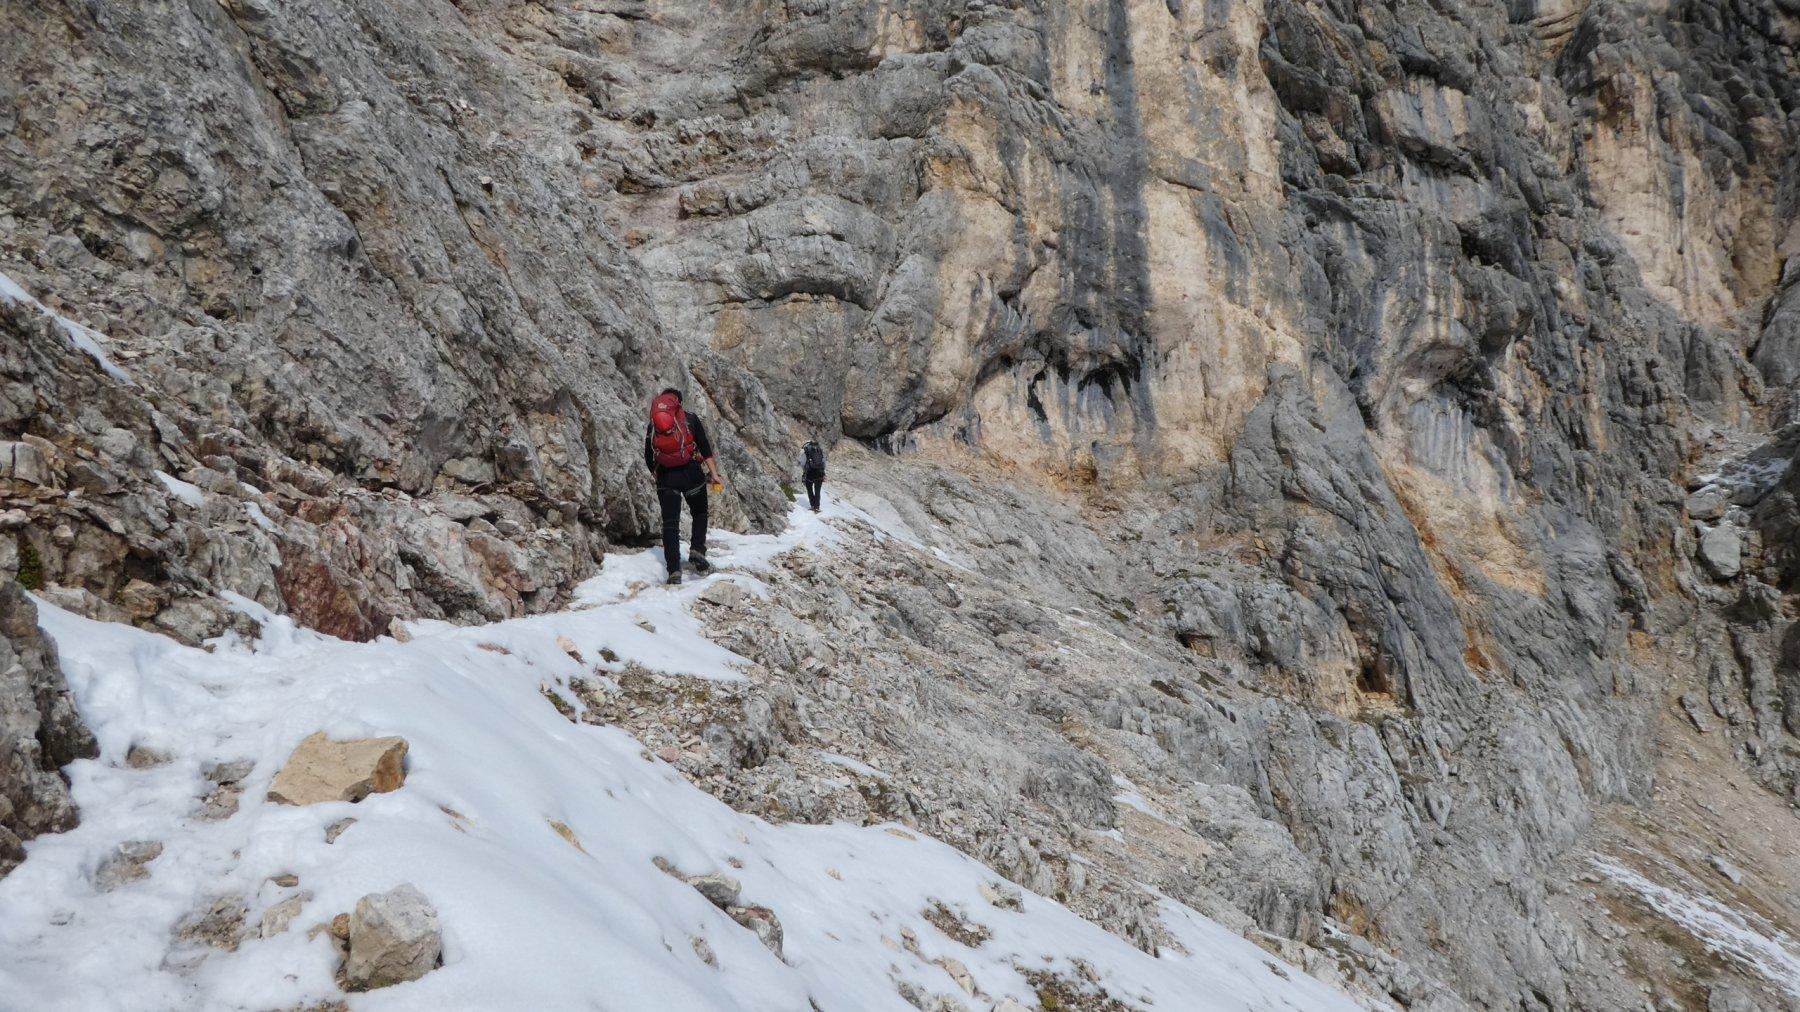 altra cengia a quota 2650 m salendo verso la Forcella Formenton